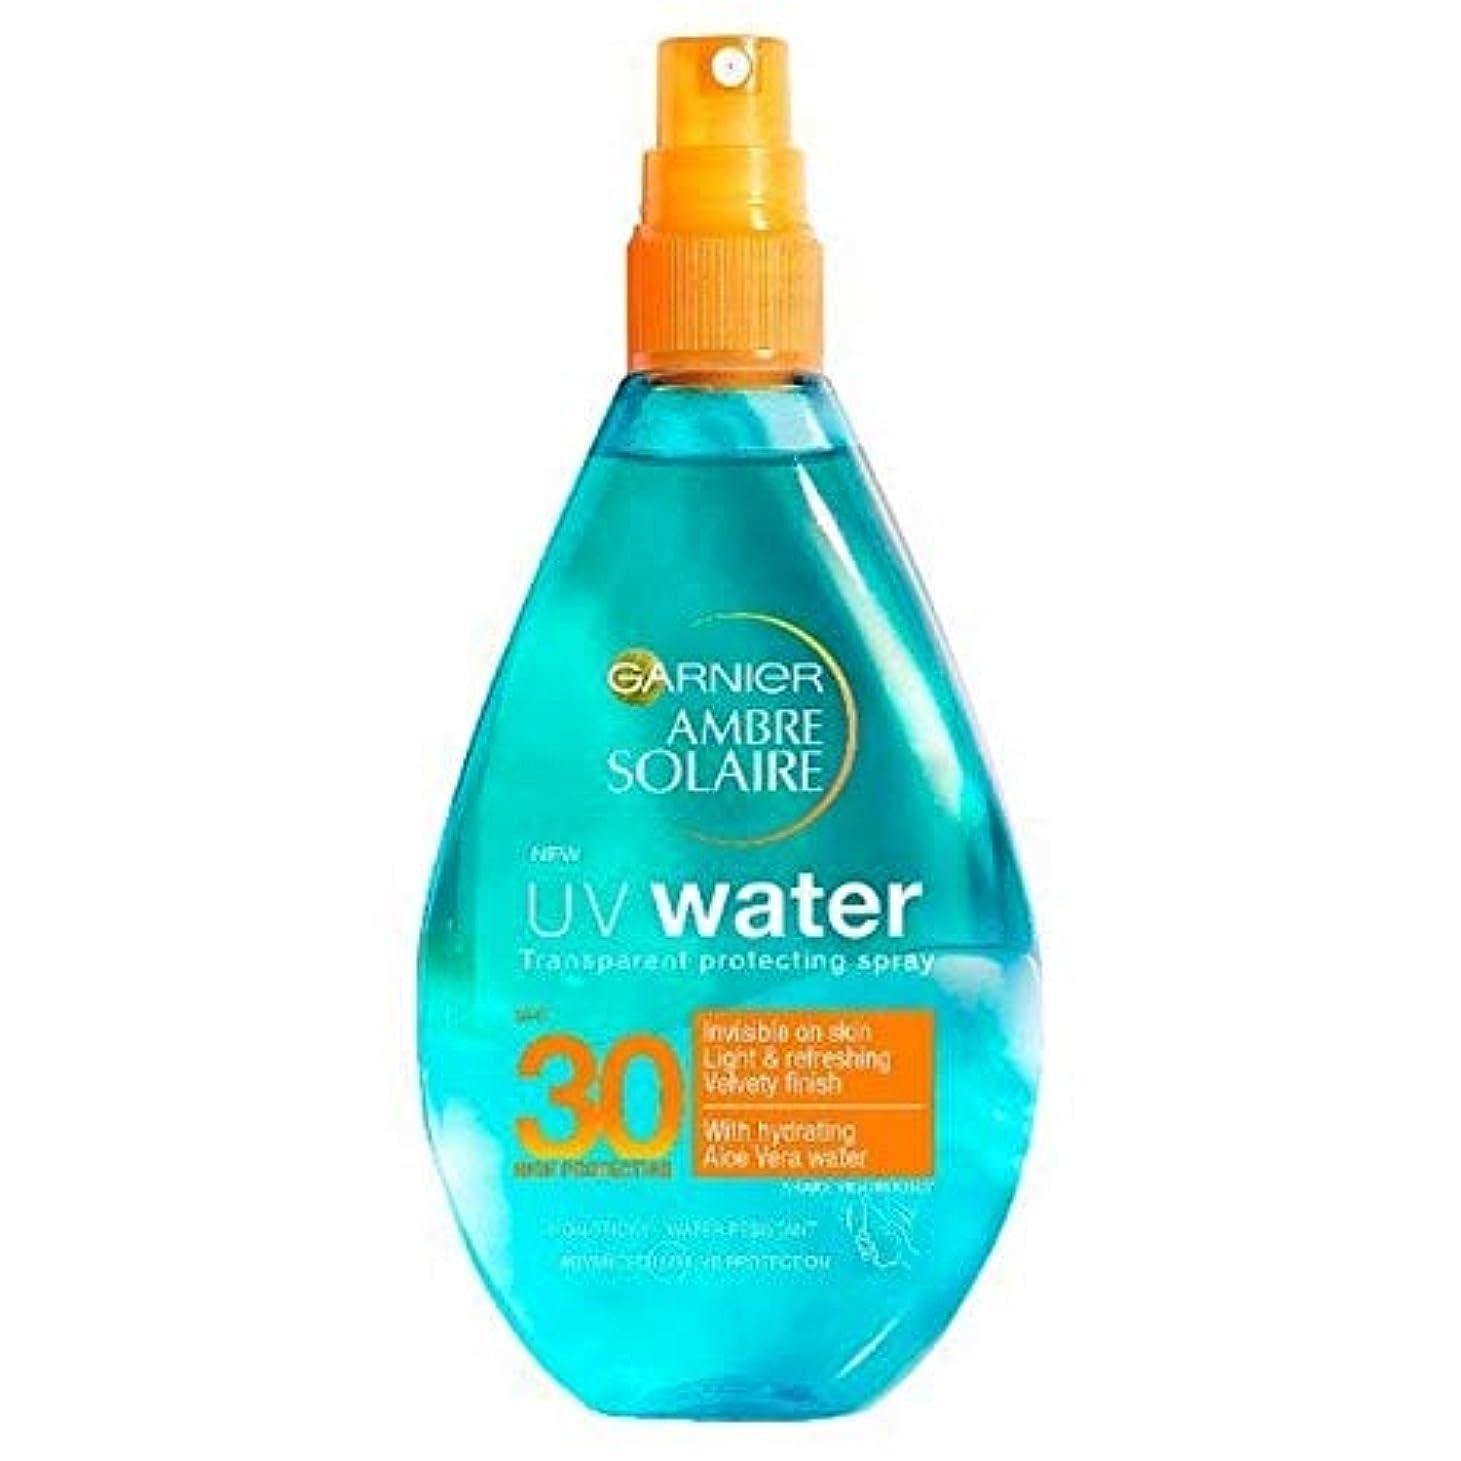 コンパス形状漏斗[Garnier ] アンブレSolaire紫外線水明確な日クリームスプレーSpf30 150ミリリットル - Ambre Solaire UV Water Clear Sun Cream Spray SPF30 150ml...